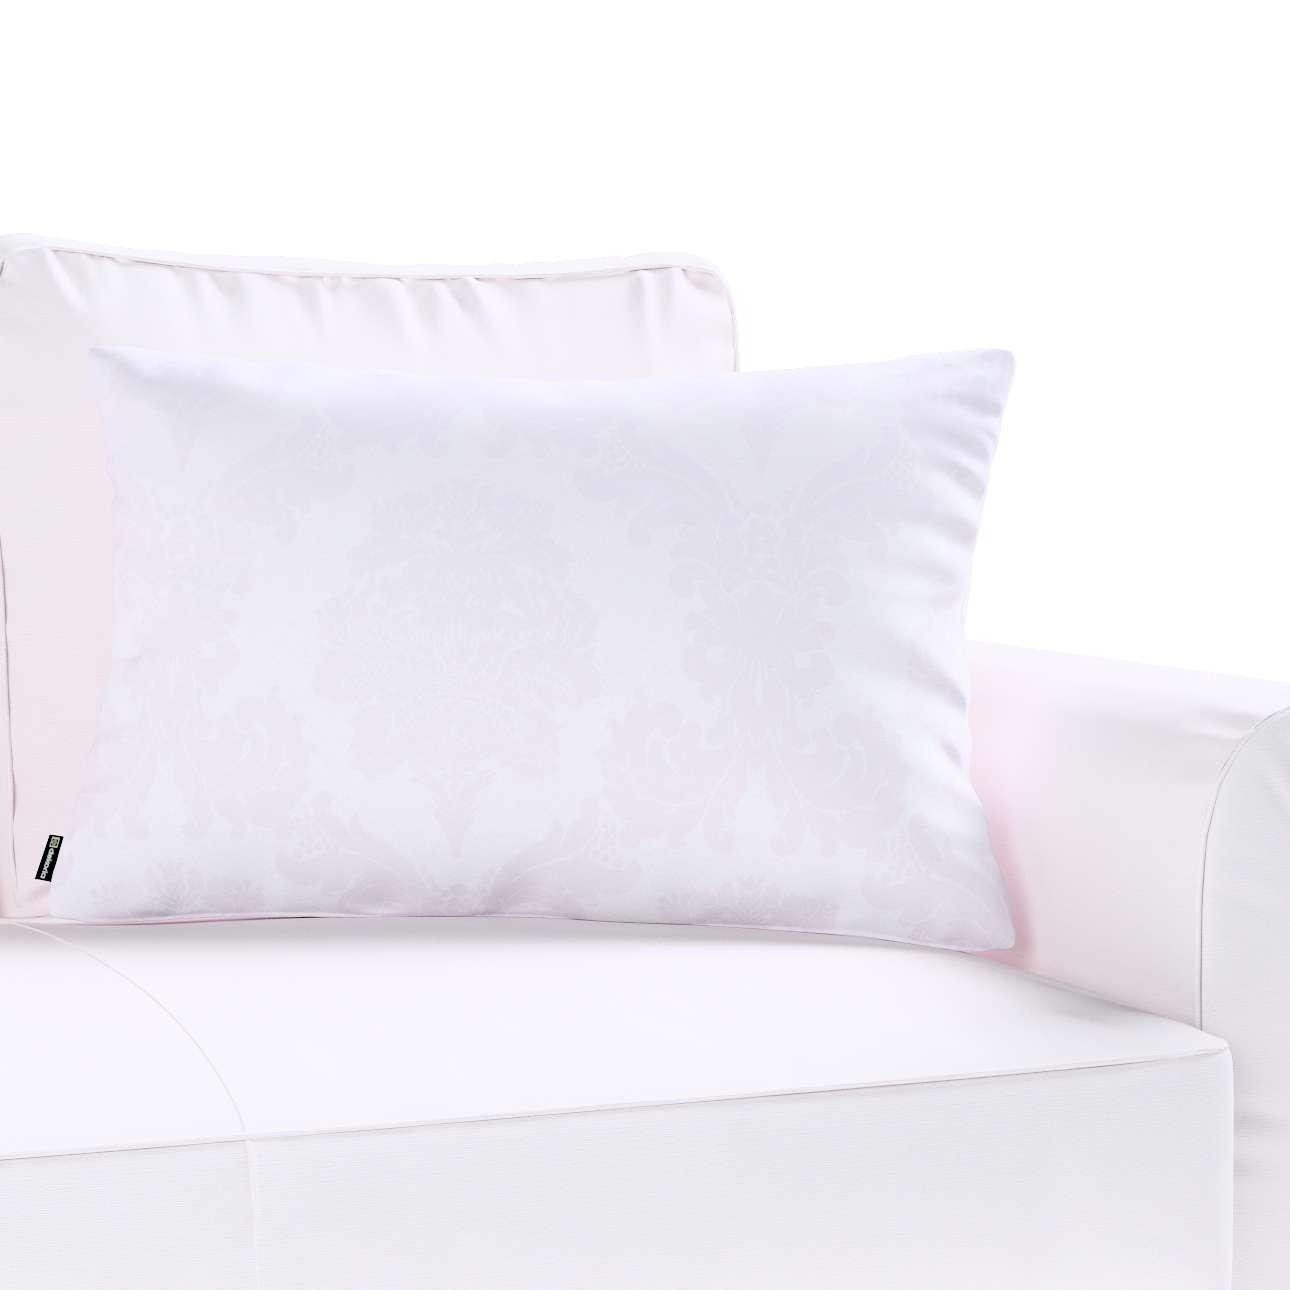 Poszewka Kinga na poduszkę prostokątną 60 x 40 cm w kolekcji Damasco, tkanina: 613-00